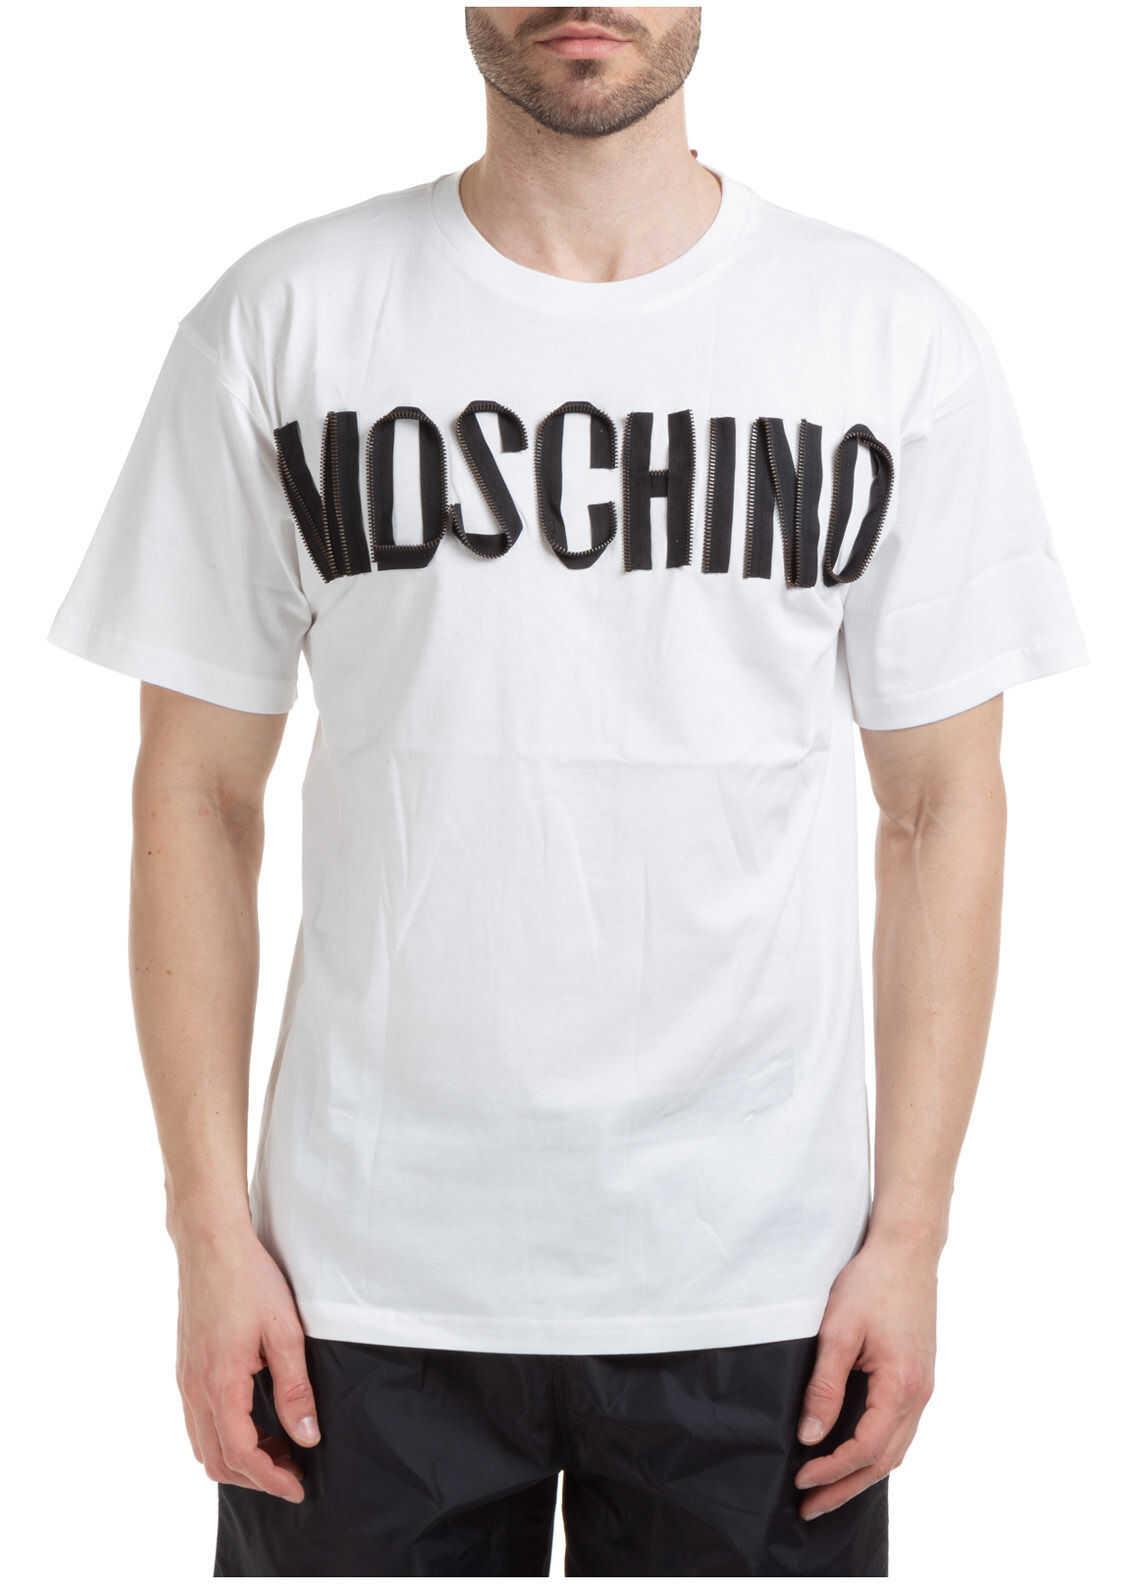 Moschino Neckline Jumper White imagine